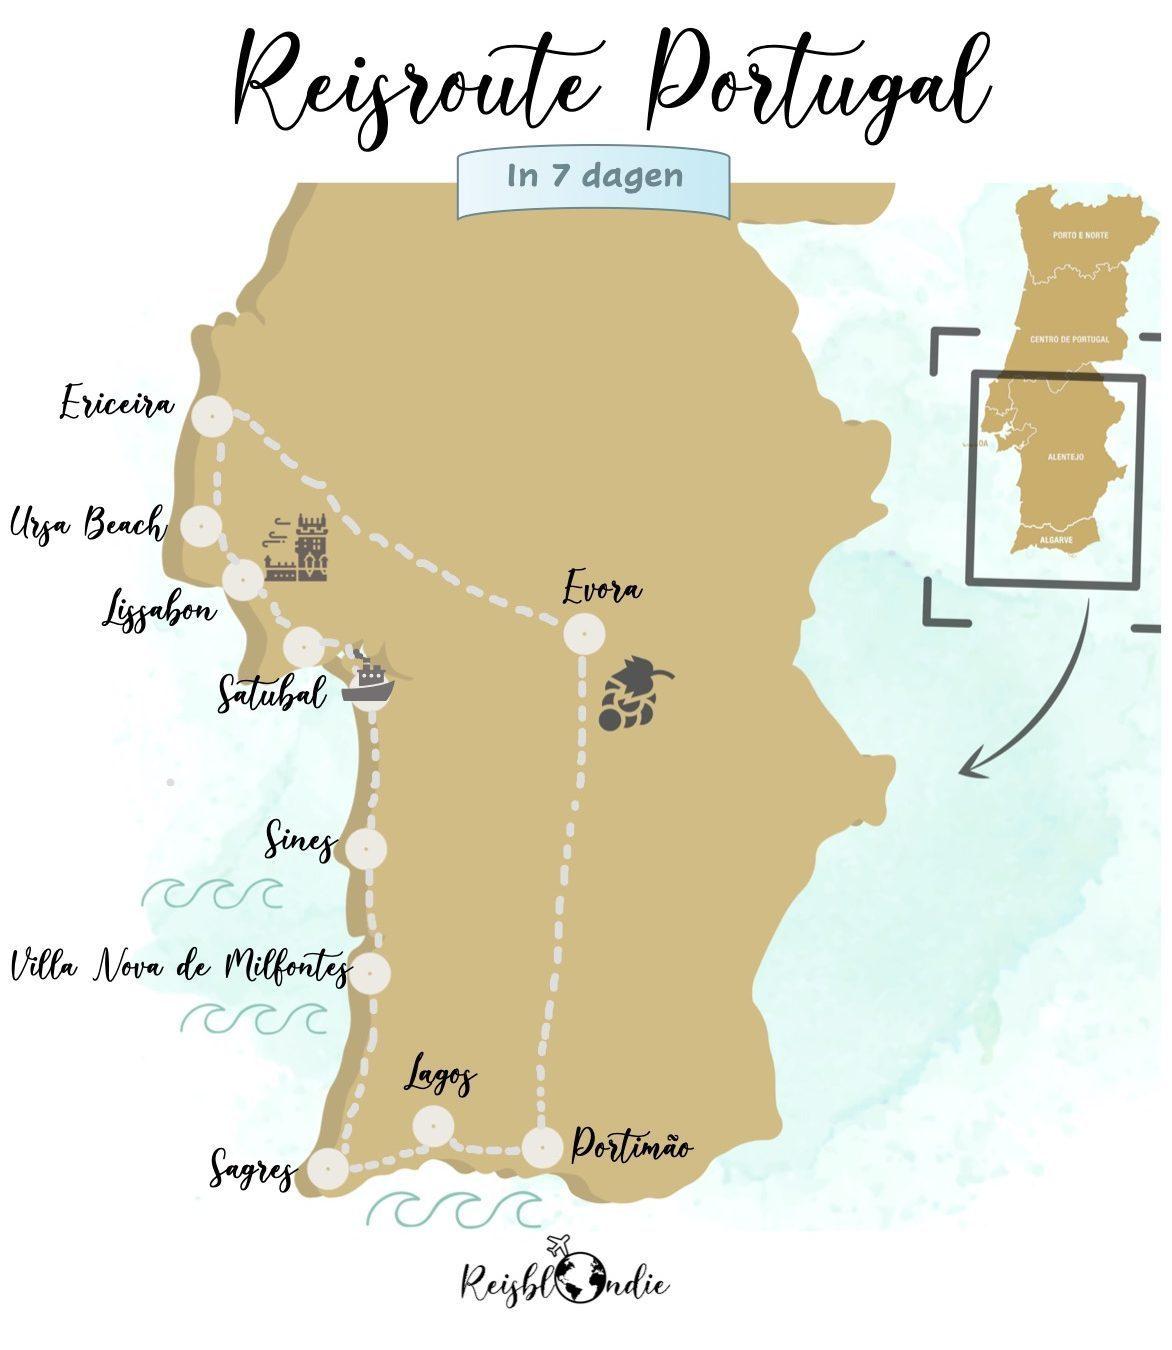 Reisroute Portugal 1 week